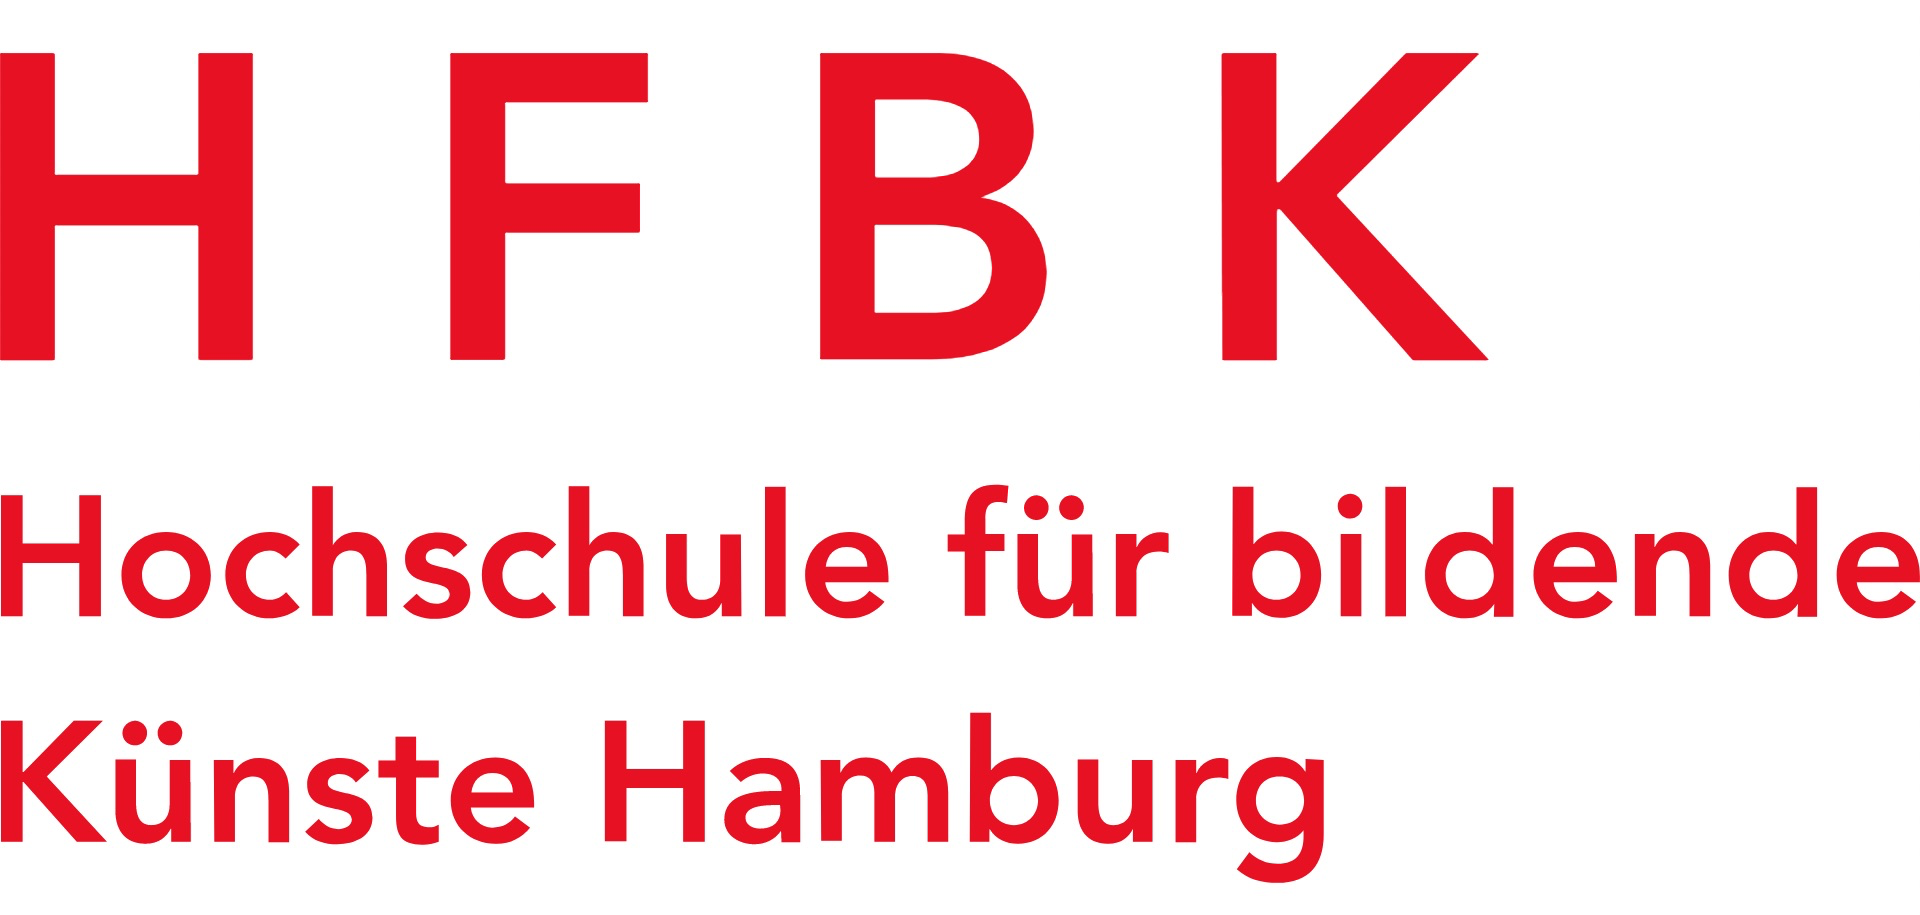 Hochschule für bildende Künste (HfBK)